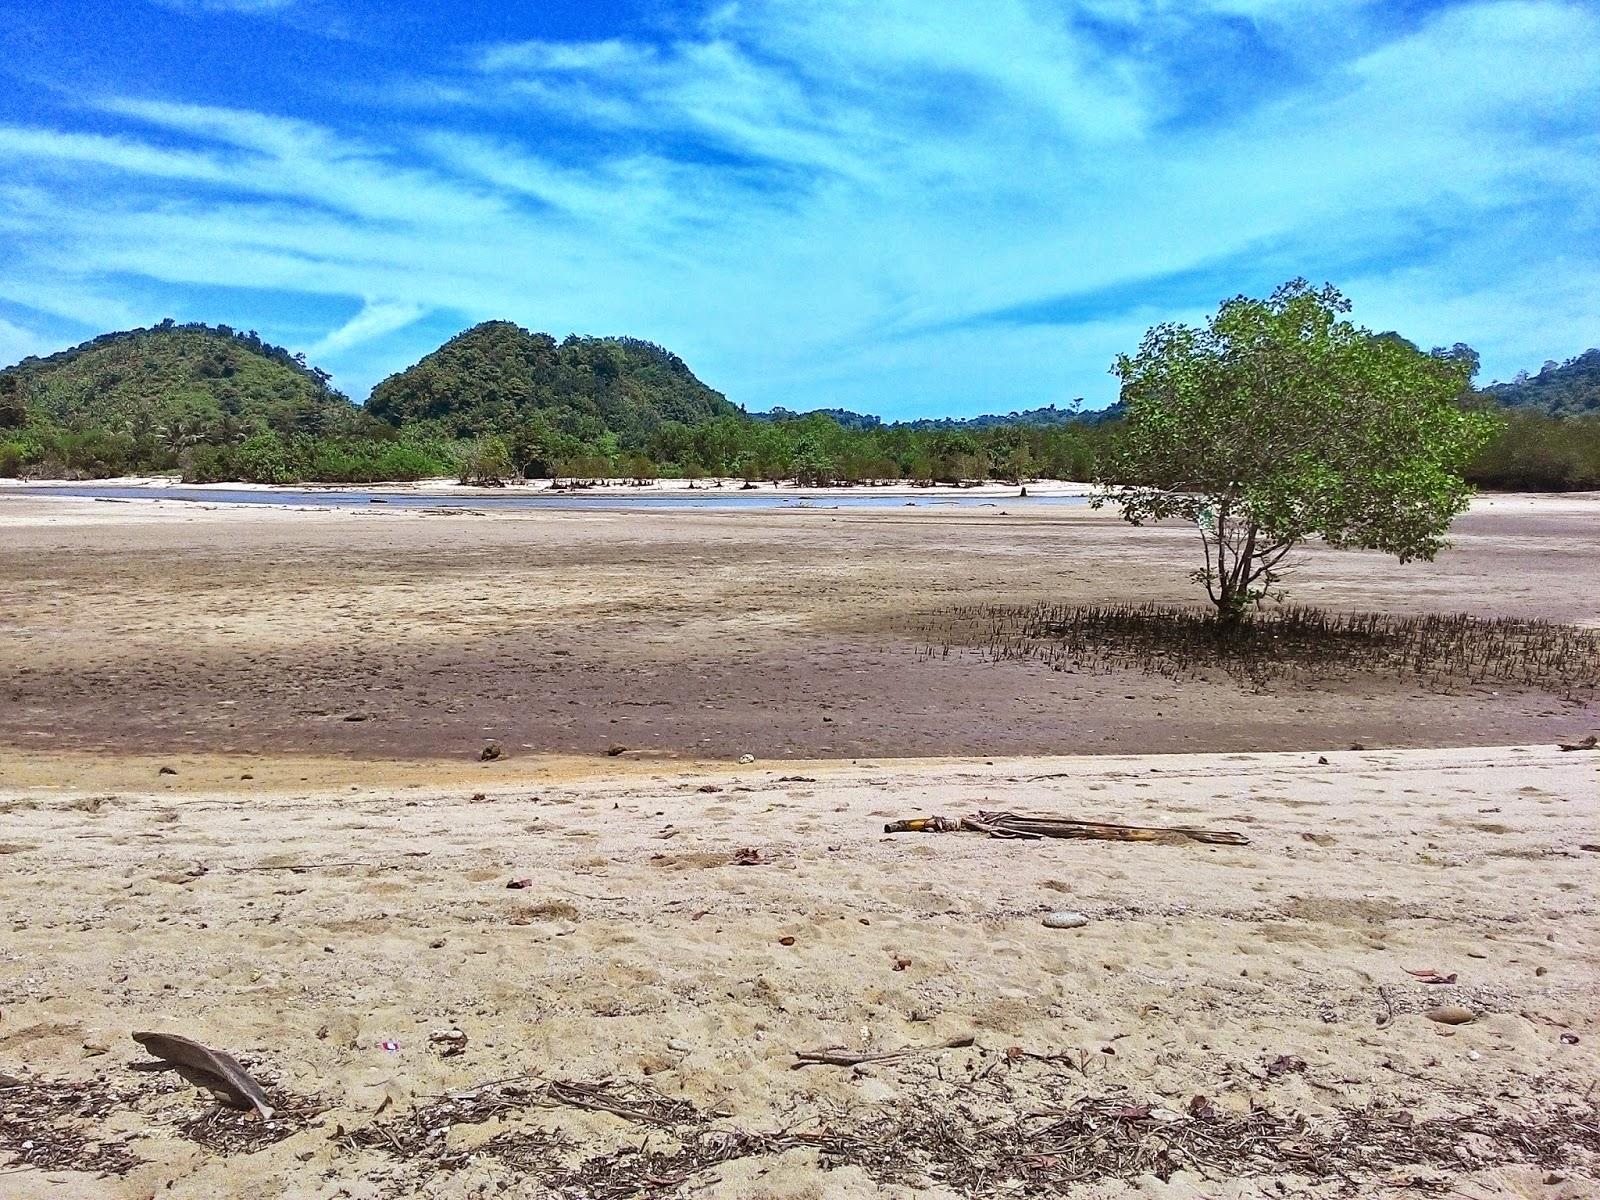 Pantai Clungup Kabupaten Malang Jumat 11 Desember 2015 Kota